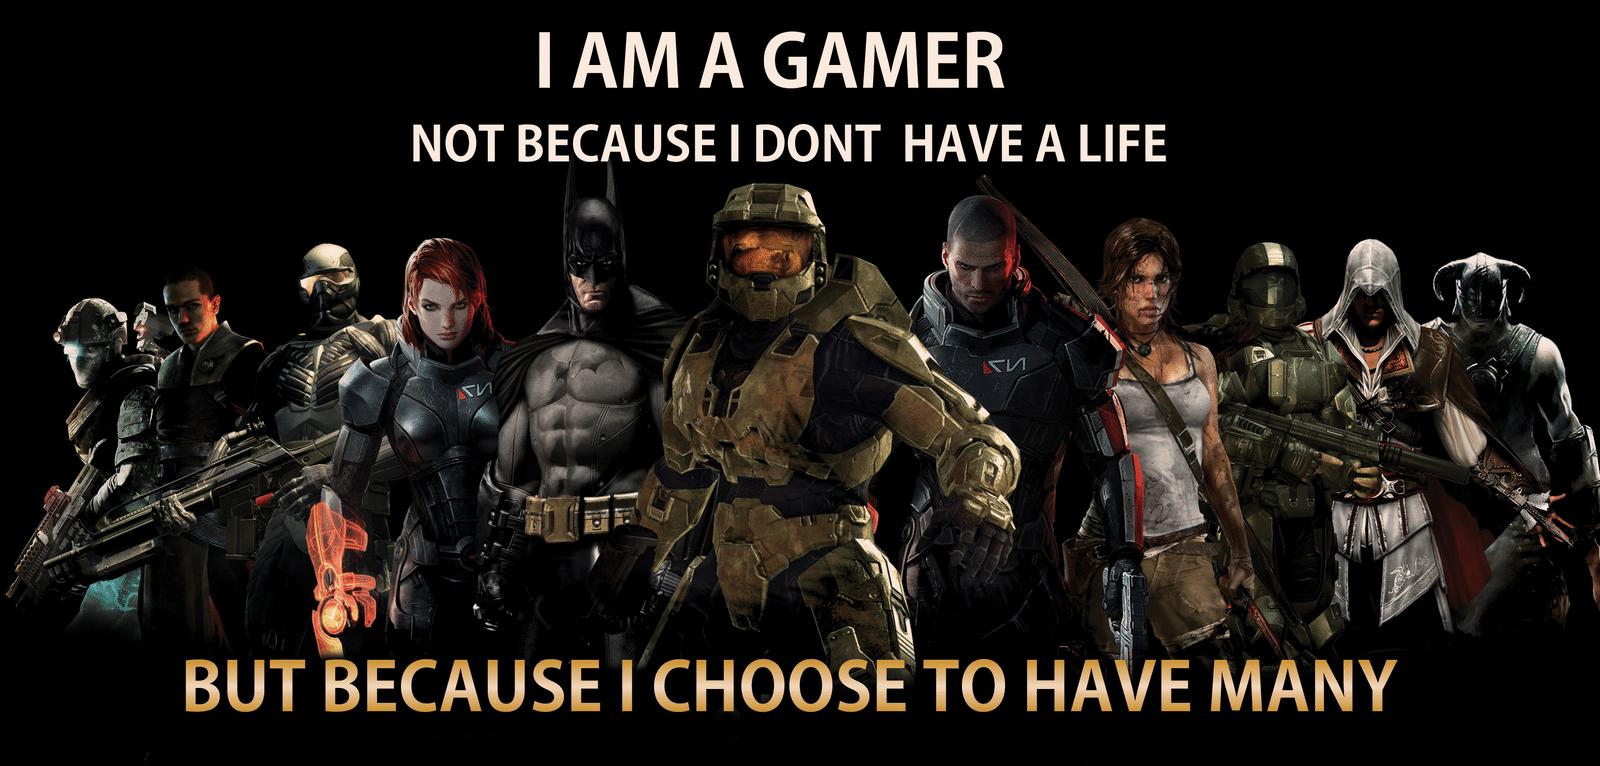 gamer, gaming, gaming laptop, gaming console, pc gaming